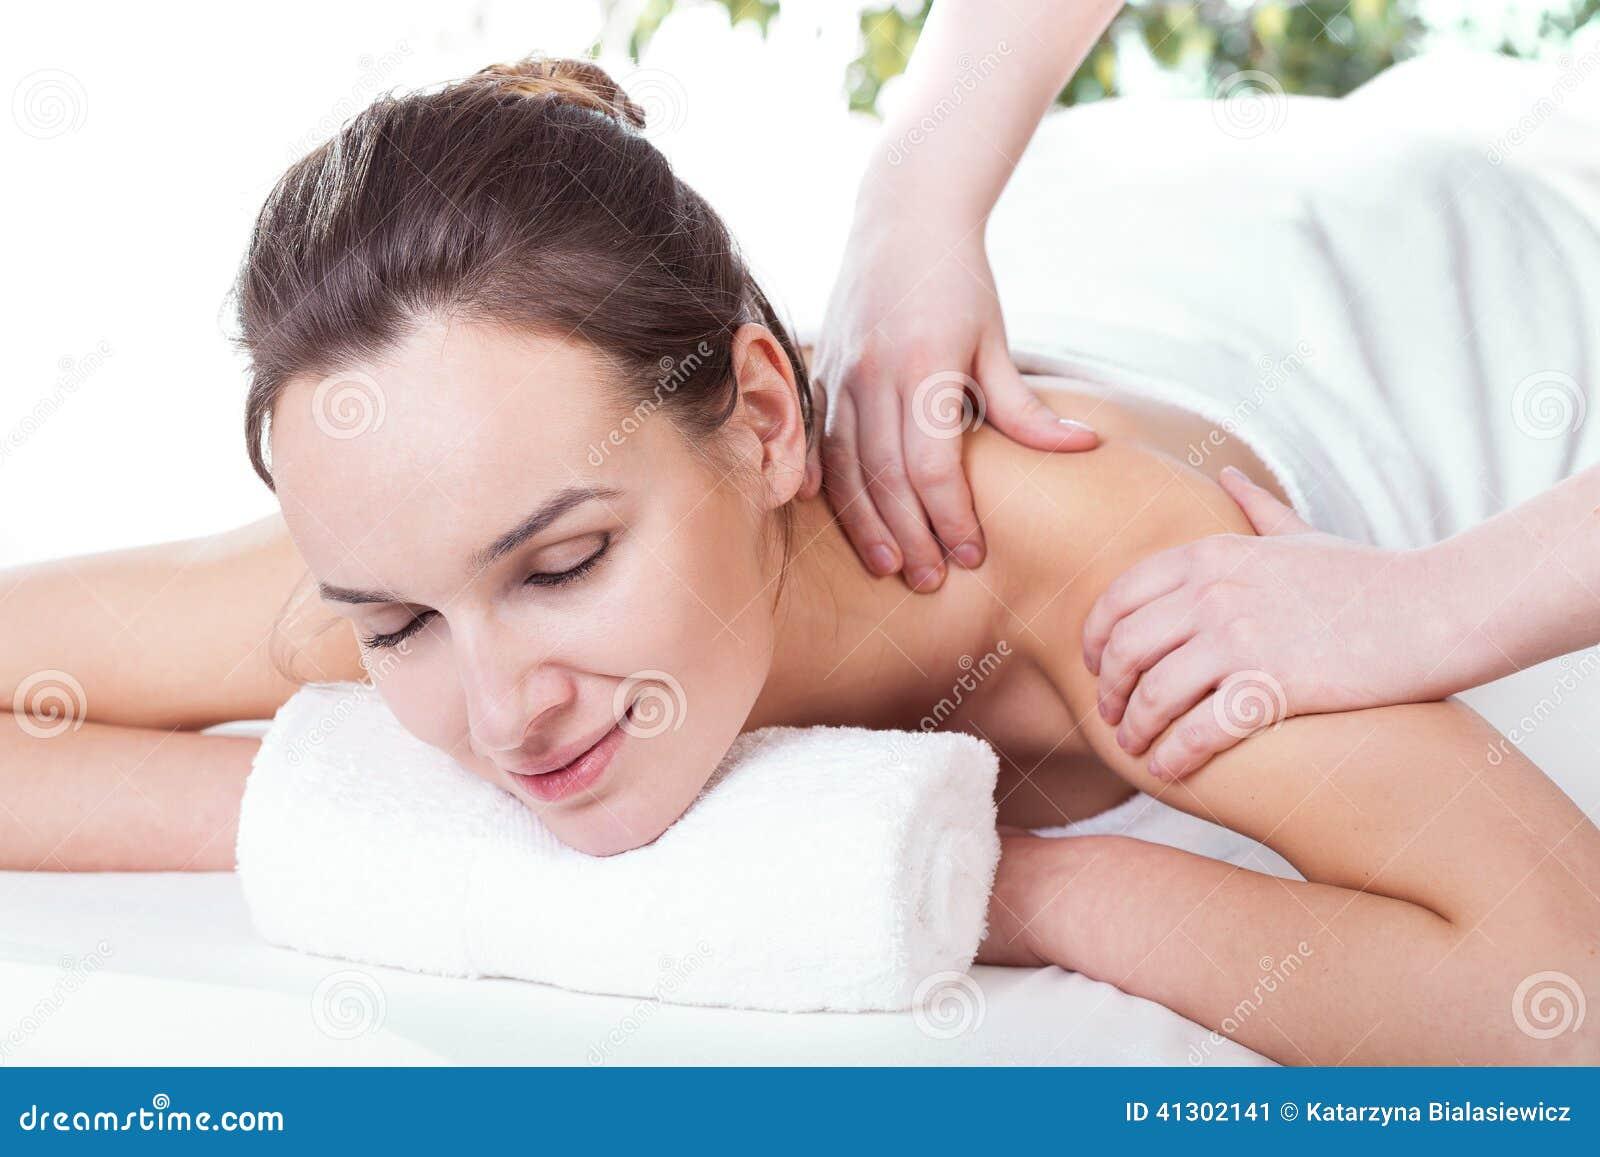 Massage Lady